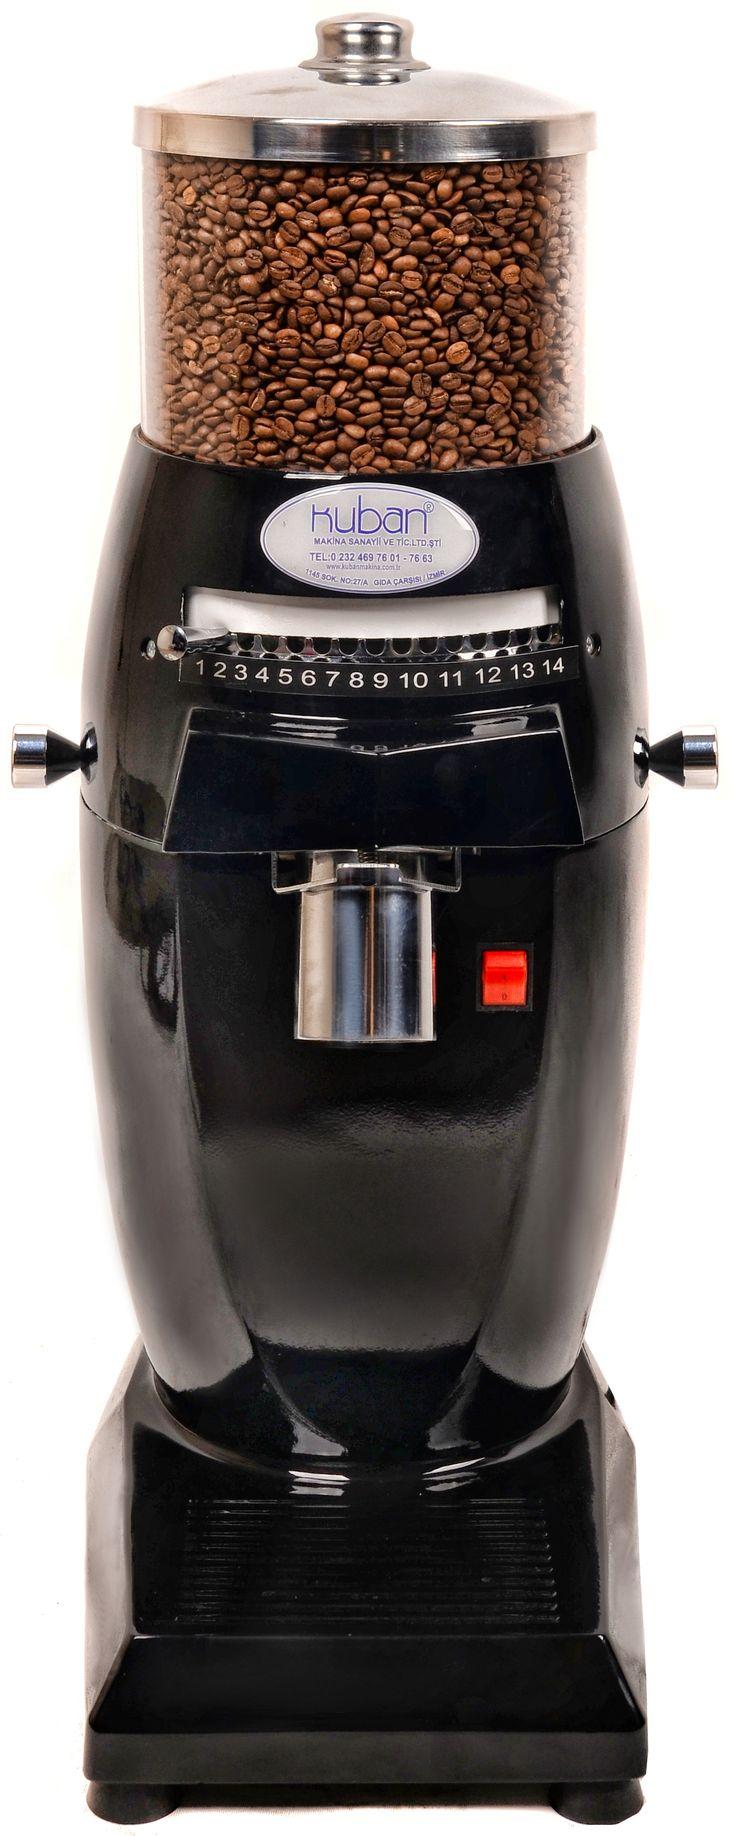 Coffee Grinder, Coffee Bean Grinder, Industrial Coffee Grinder, Professional Coffee Grinder, Commercial Coffee Grinder, Turkish Coffee Grinder, Coffee Bean Grinder Machine, Coffee Bean Grinding, Coffee Bean Grinding Machine, Coffee Grinder Machine, Industrial Coffee Grinder, Coffee Grinder Price, Burr Coffee Grinder